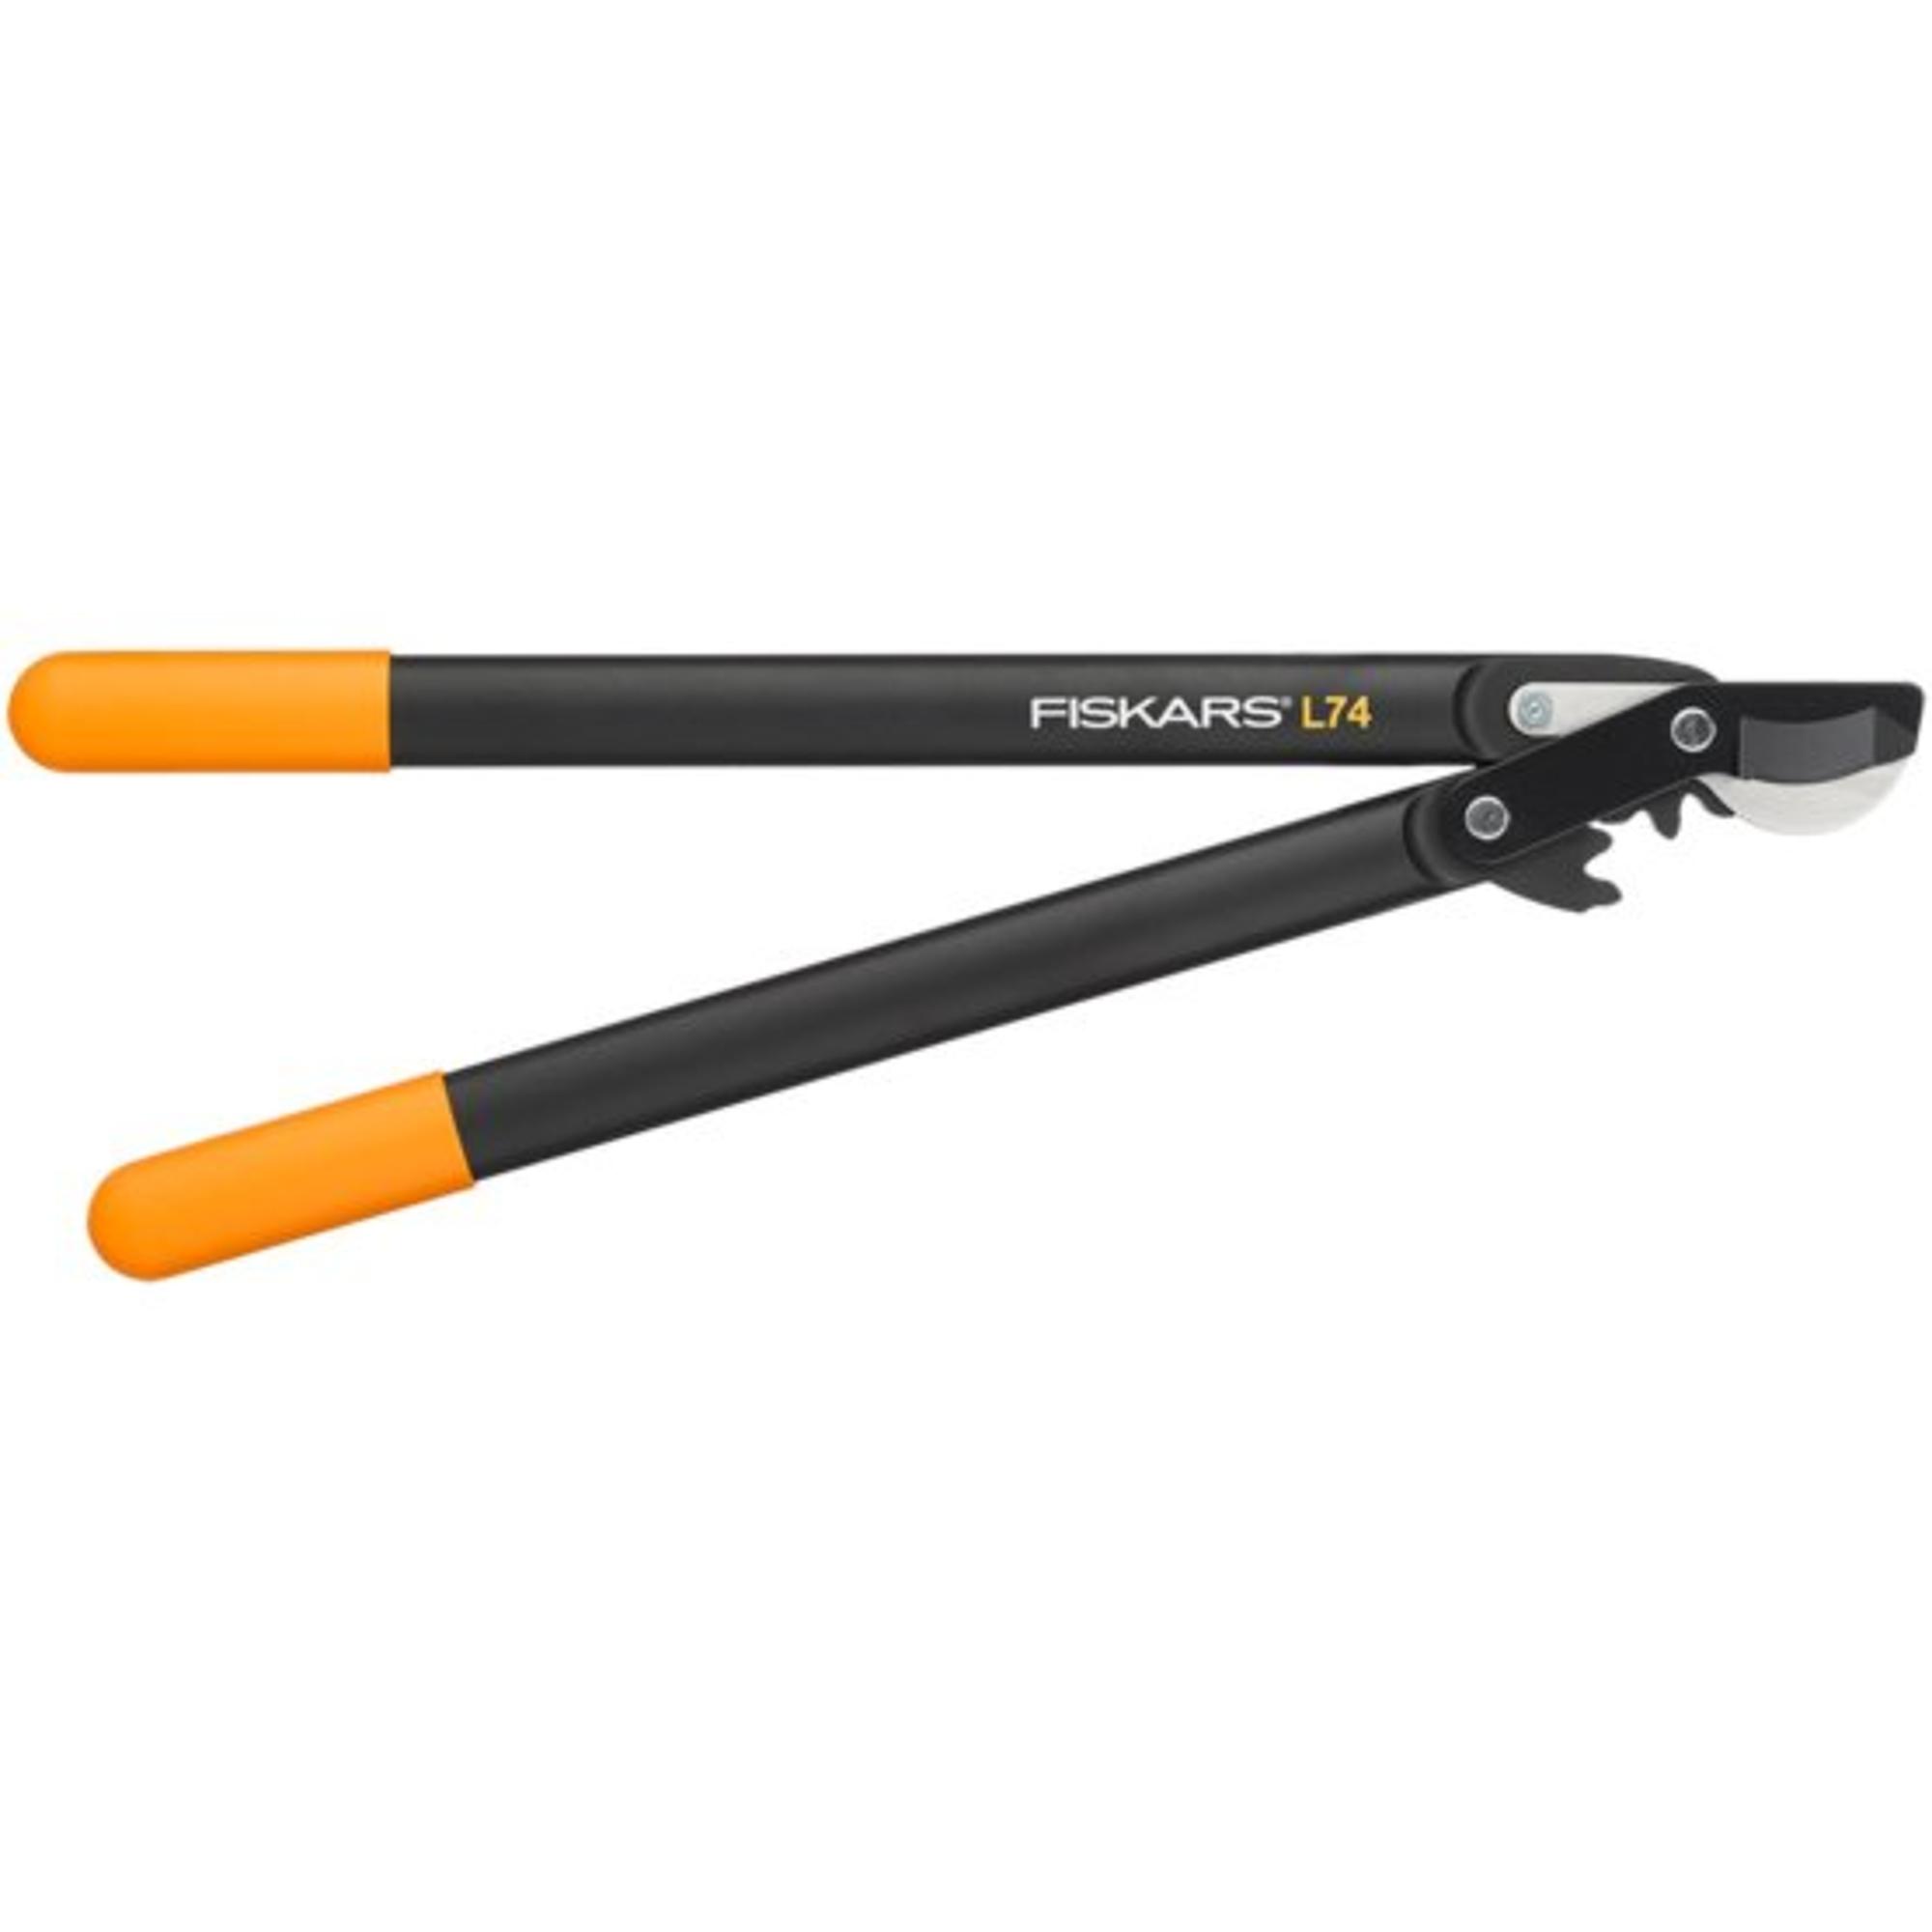 Fiskars PowerGear™ műanyag fogaskerekes ágvágó, horgos fejű (M) L74 - 1000582